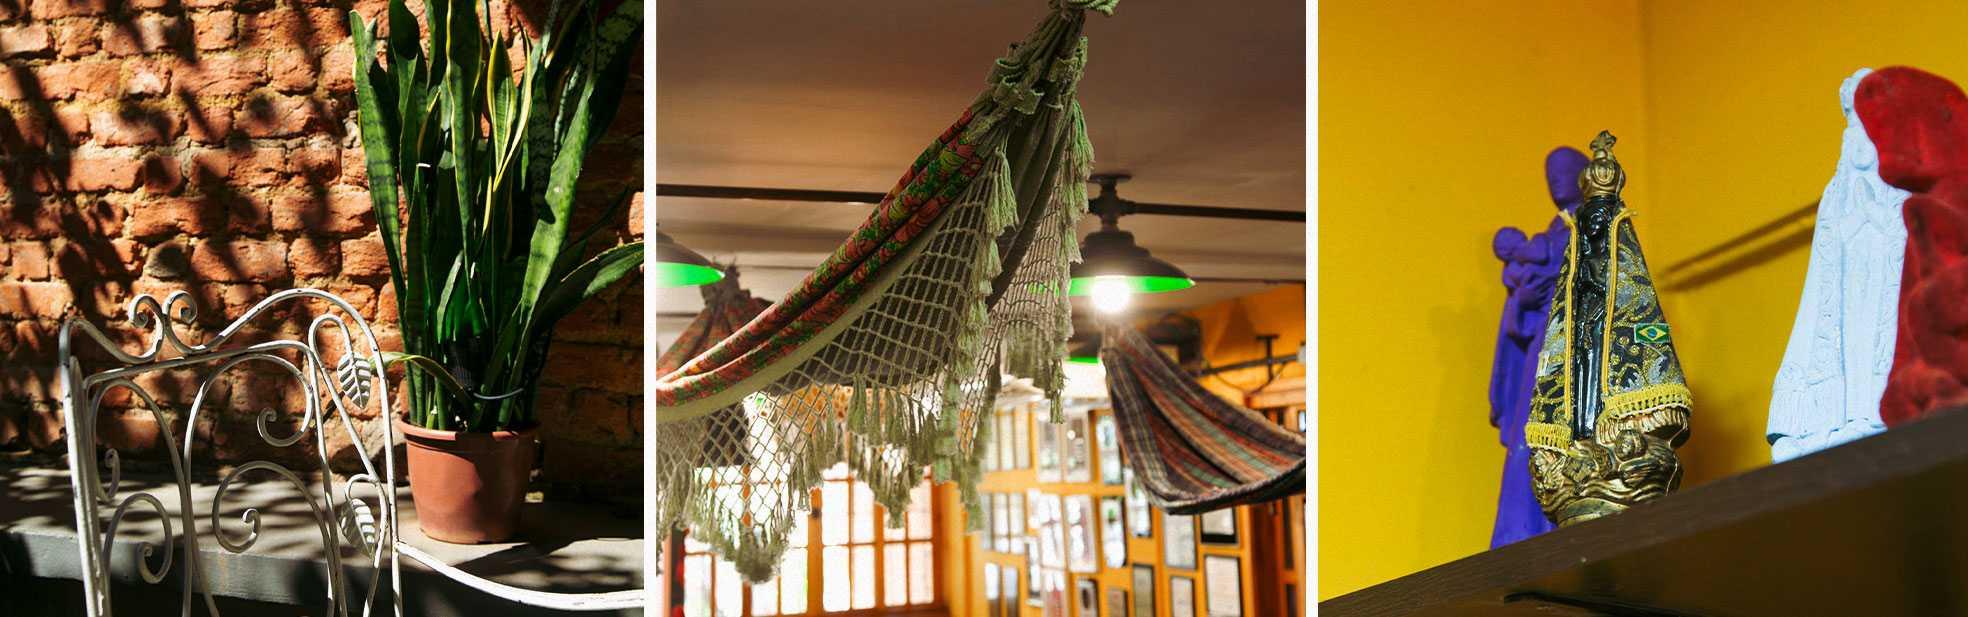 Detalhes da decoração do restaurante Aconchego carioca, com redes de balanço, santos e um jardim/ westwing.com.br